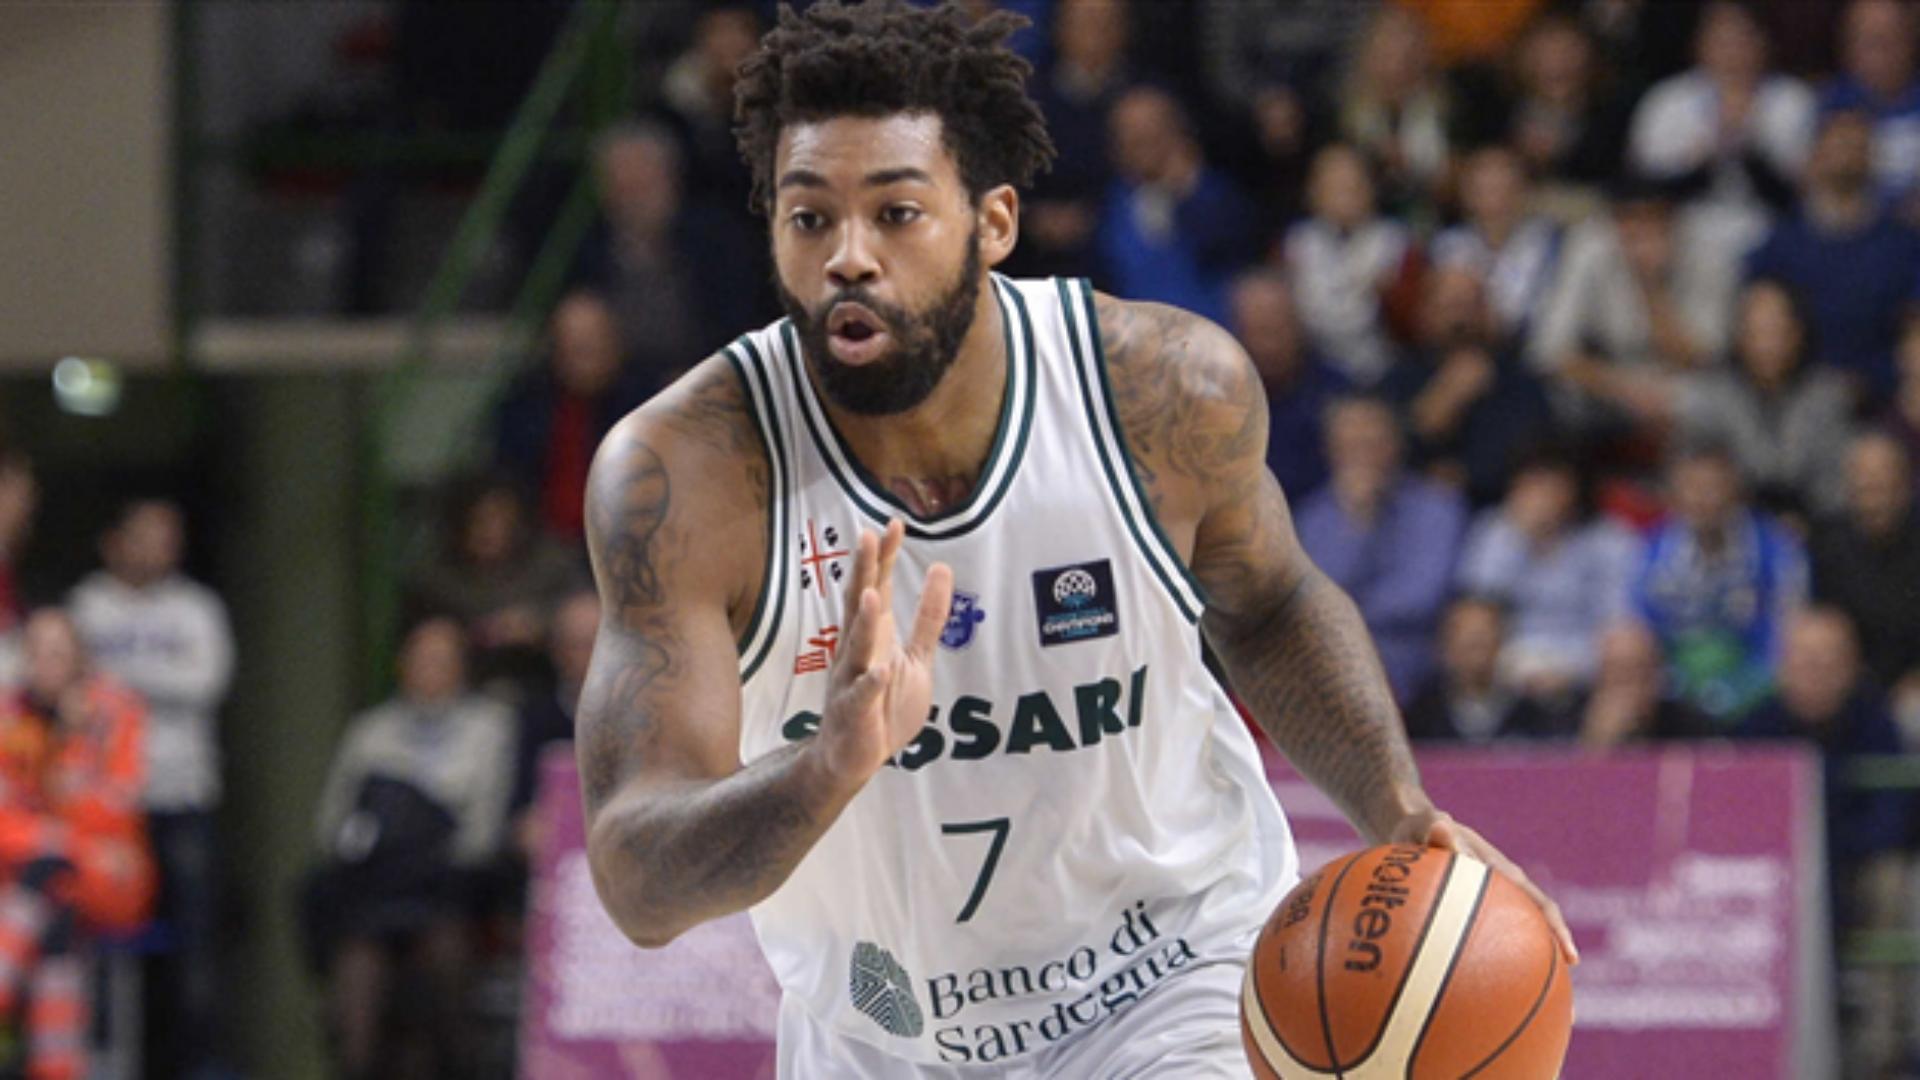 Basketball Basketball Cl Dinamo Sassari Ludwigsburg